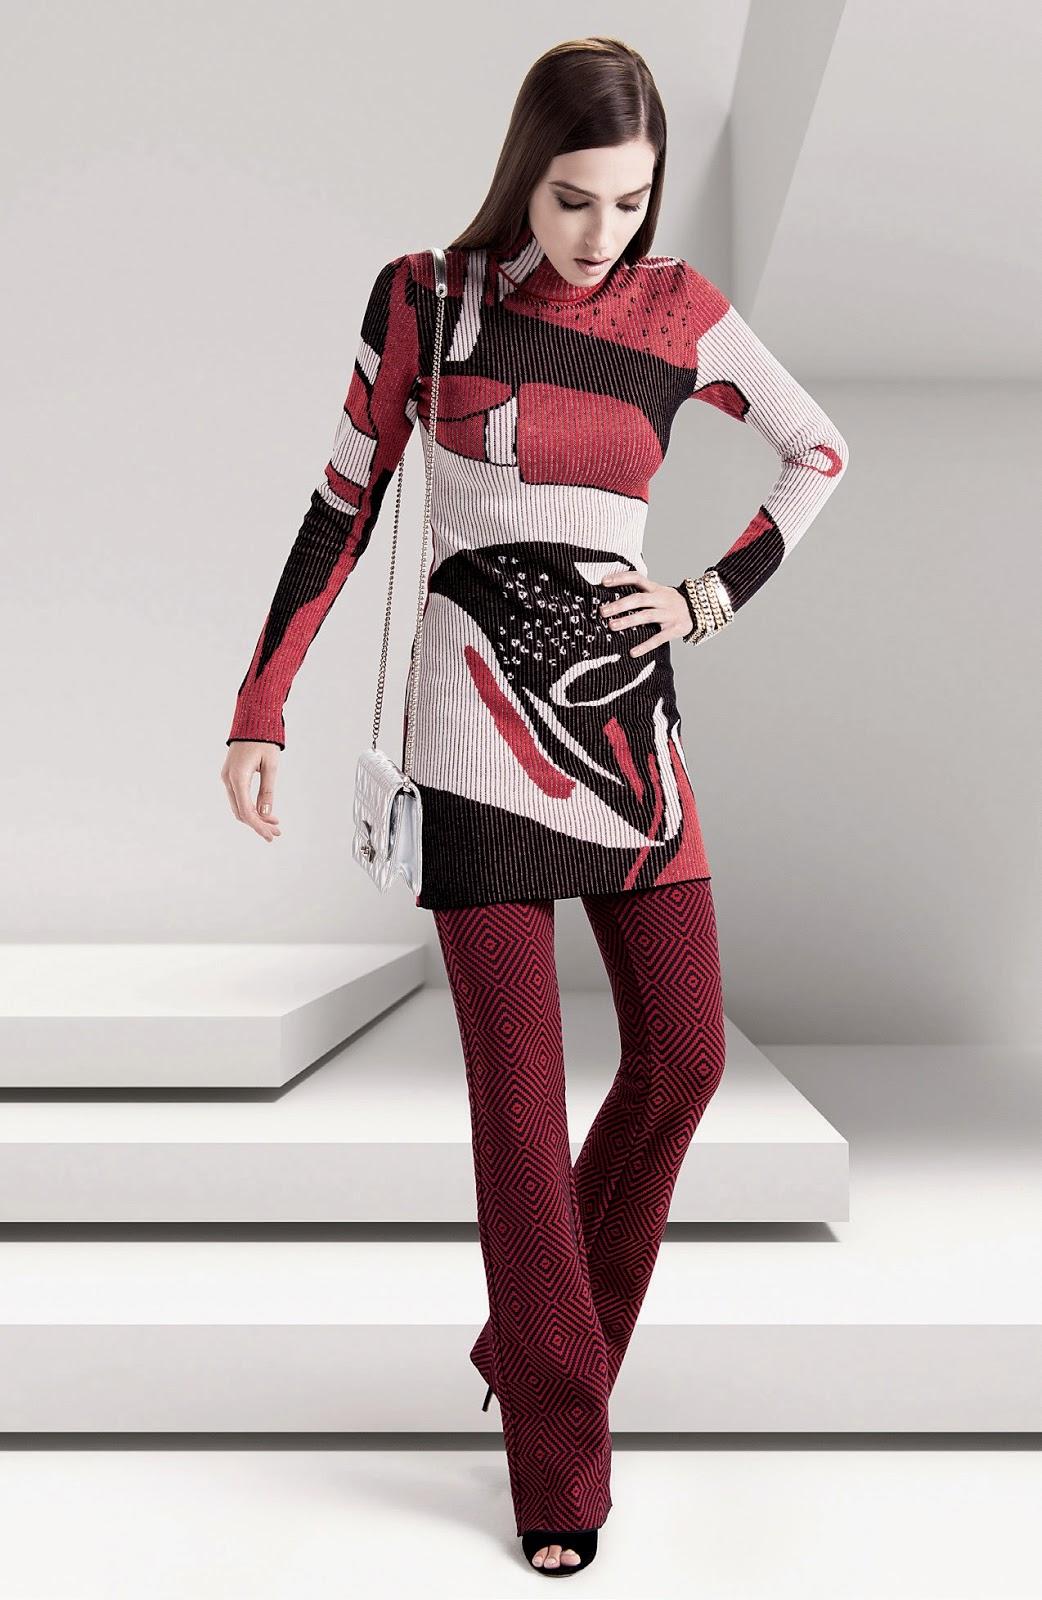 Foto: Site da Vogue Brasil